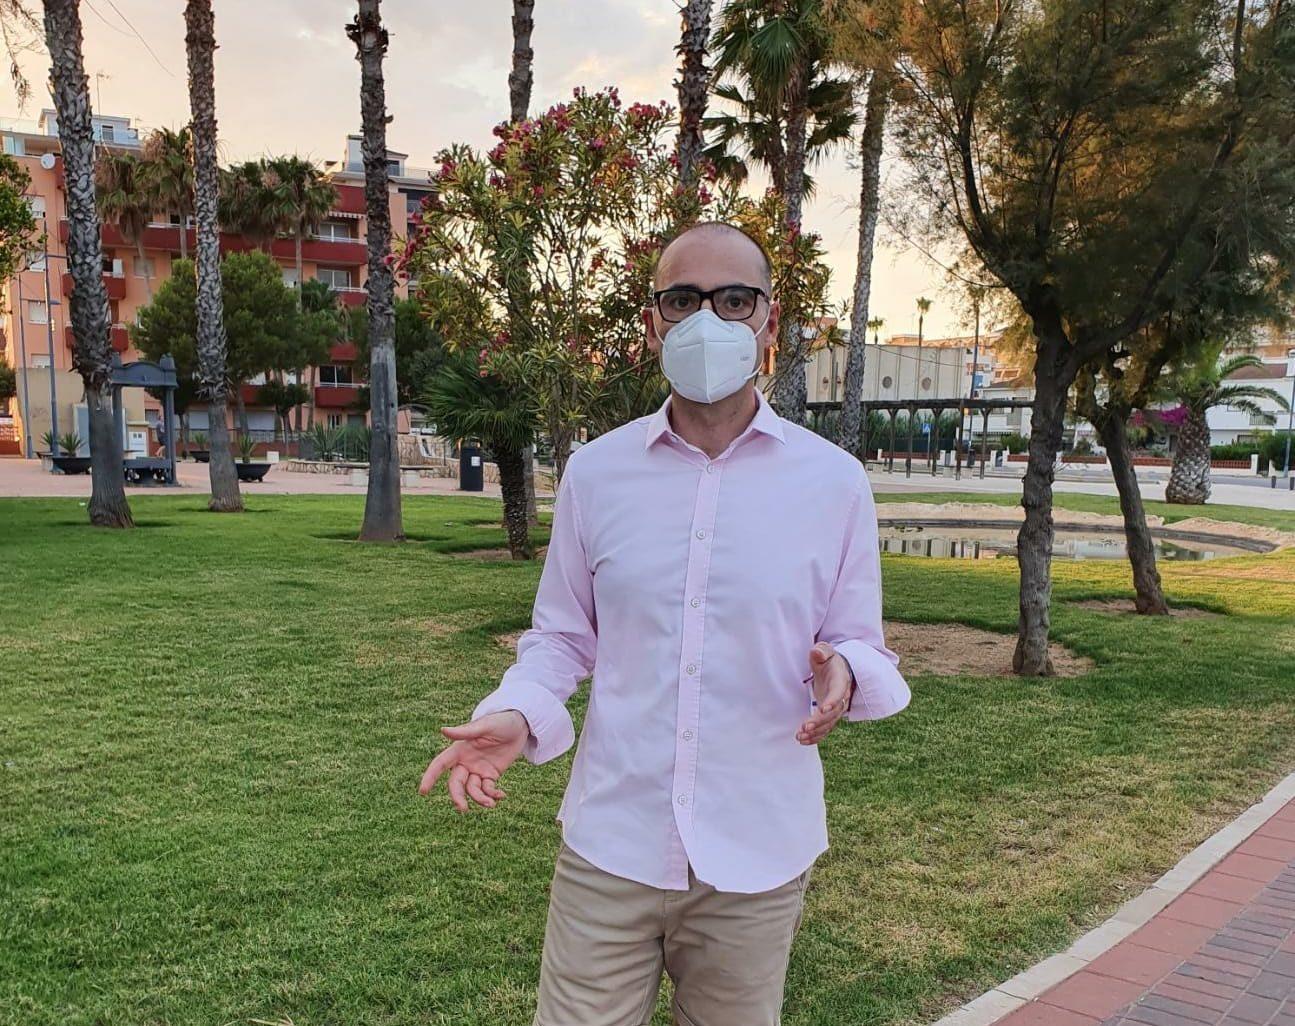 Compromís Peníscola proposa una 'Campanya' per a l'ús obligatori i responsable de mascaretes